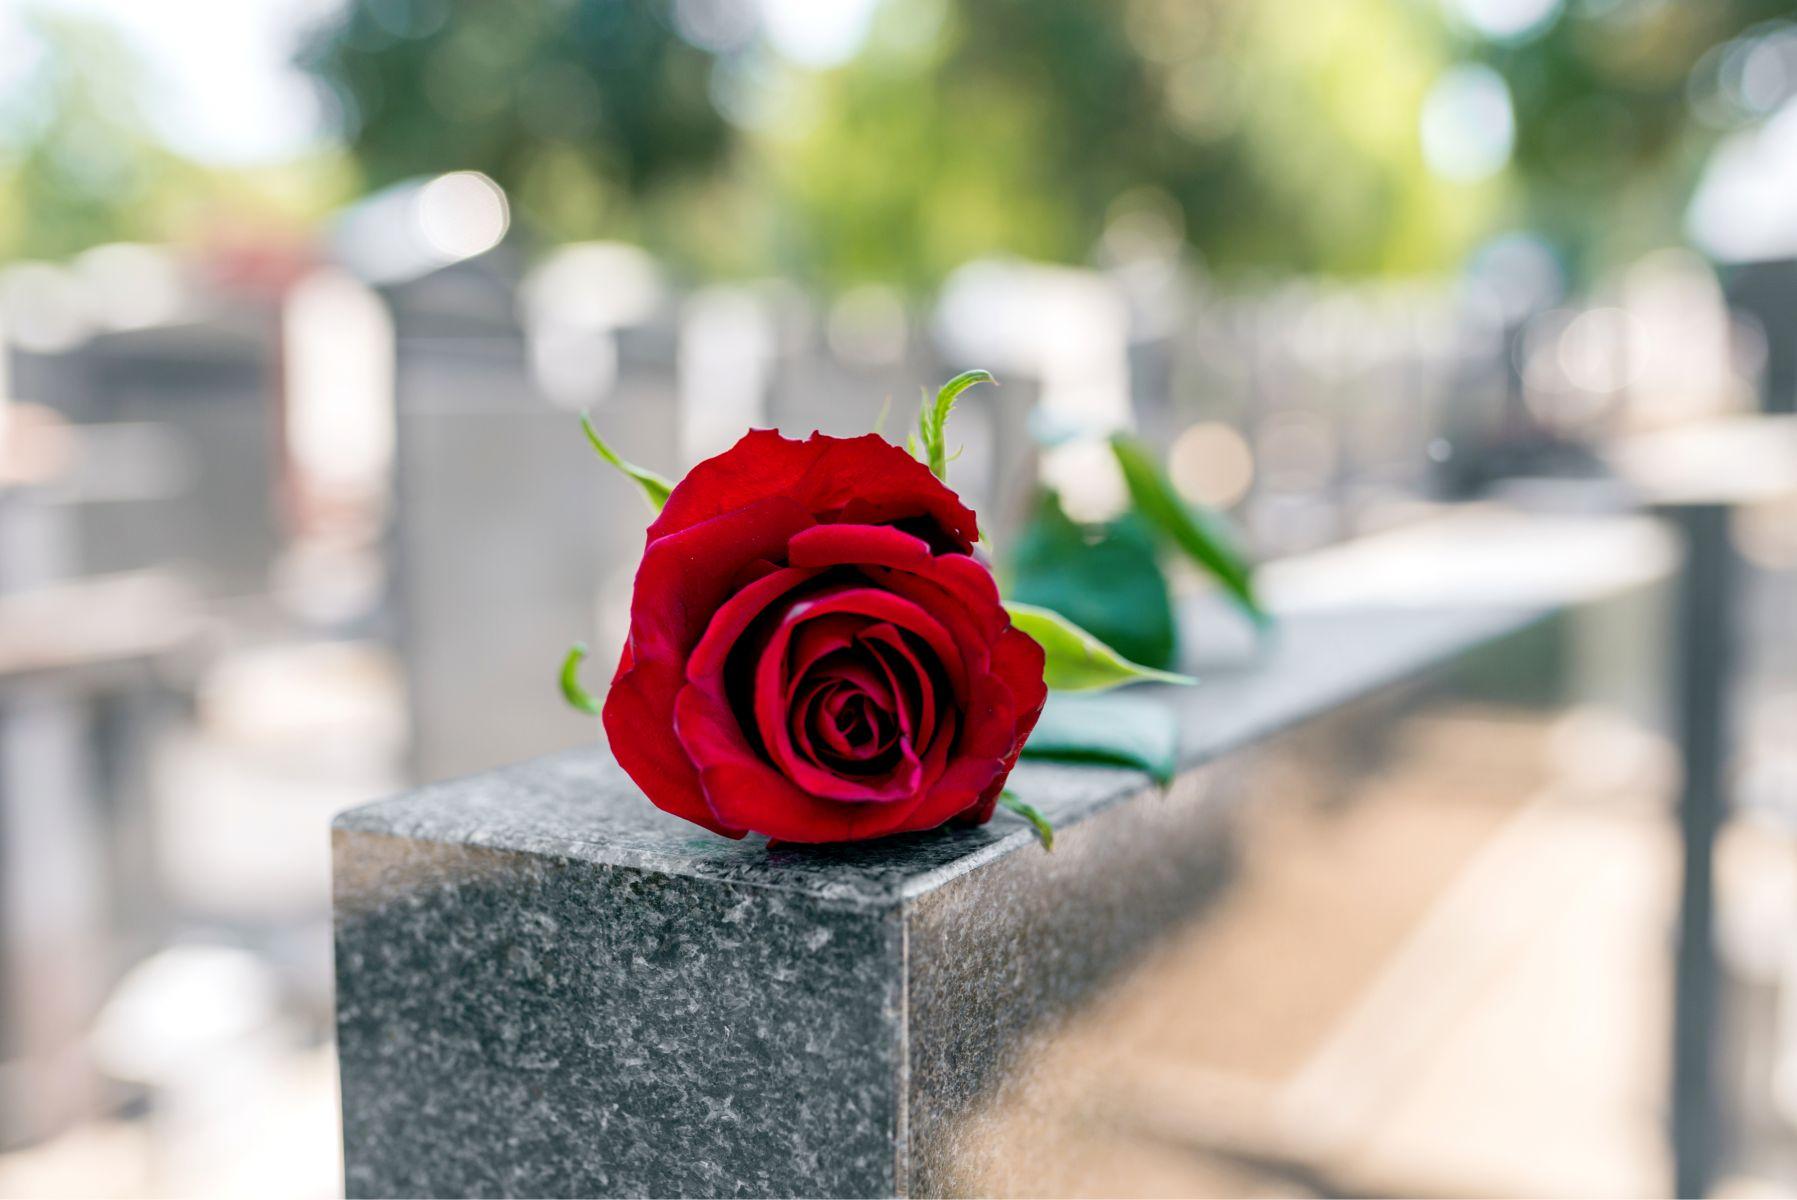 他在死前擔任志工,財產全捐贈…卻沒有任何家人出席他的葬禮!醫嘆:親情薄如一張紙